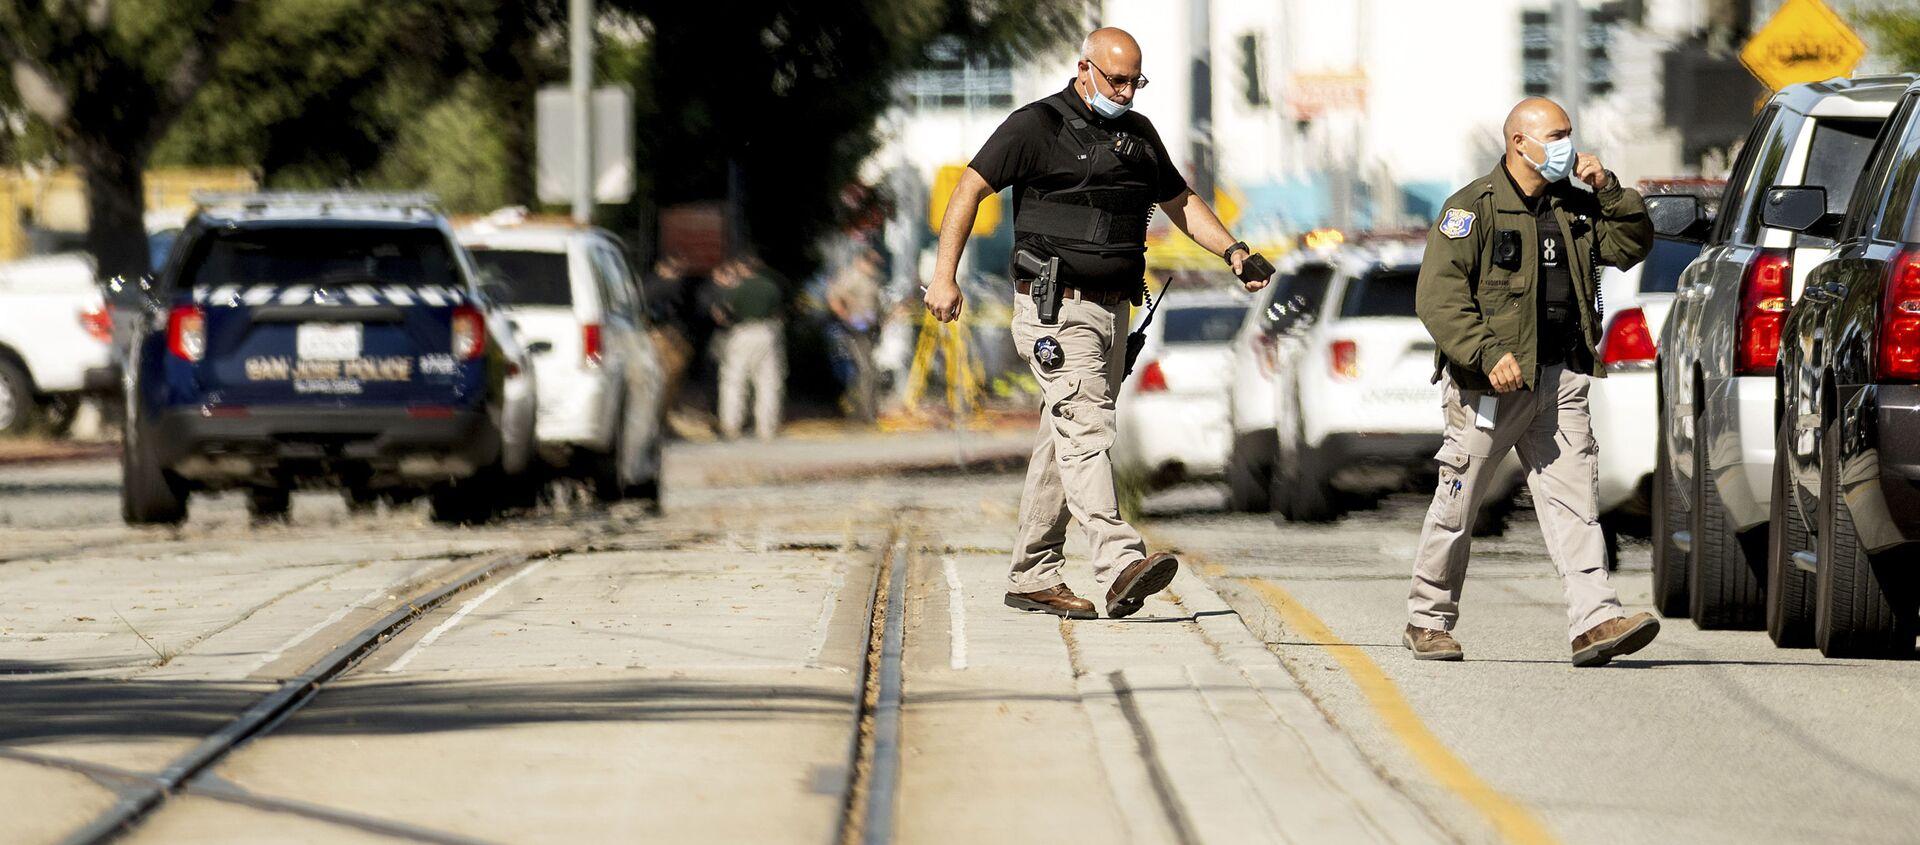 Các nhân viên thực thi pháp luật tại hiện trường vụ xả súng tại cơ sở của Cơ quan Giao thông Vận tải Thung lũng Santa Clara ở San Jose, California. - Sputnik Việt Nam, 1920, 27.05.2021